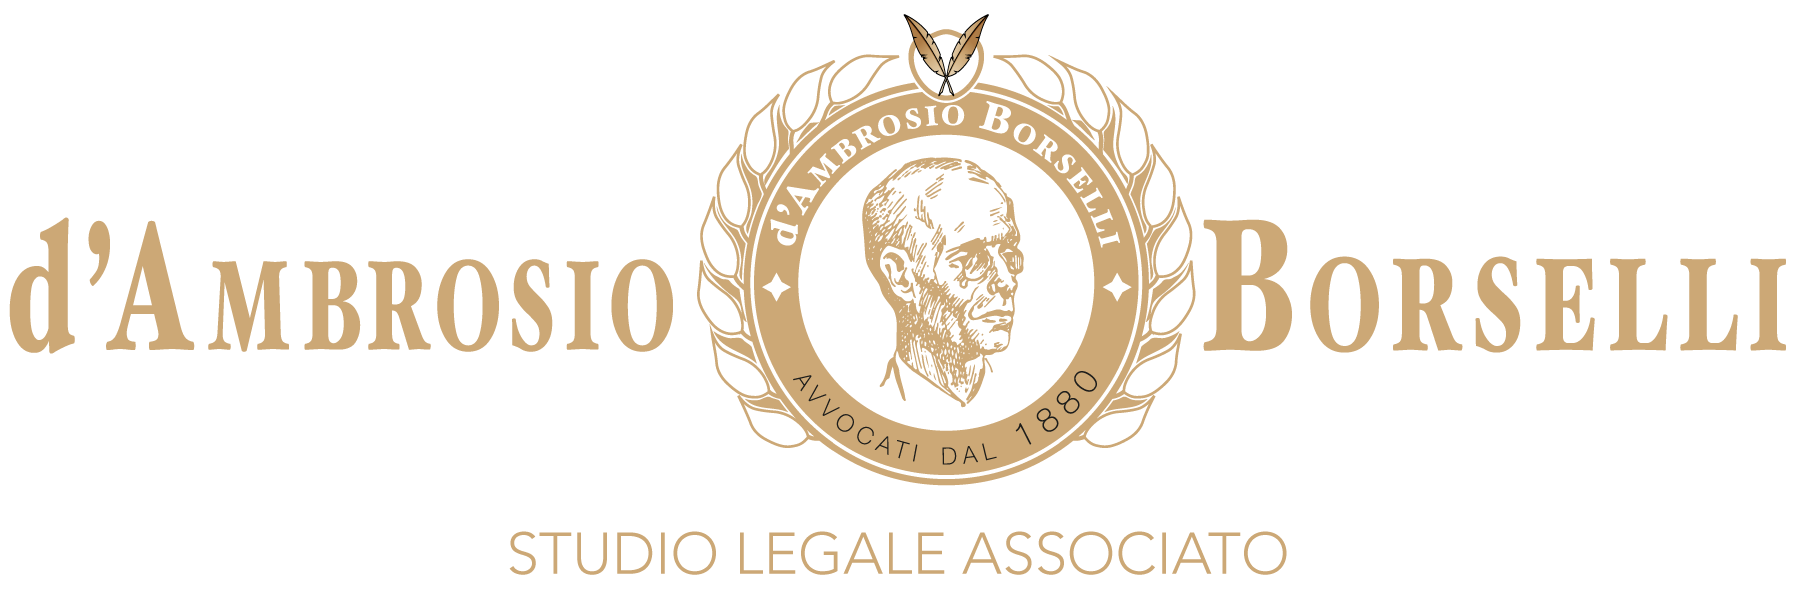 d'Ambrosio Borselli - Studio Legale Associato